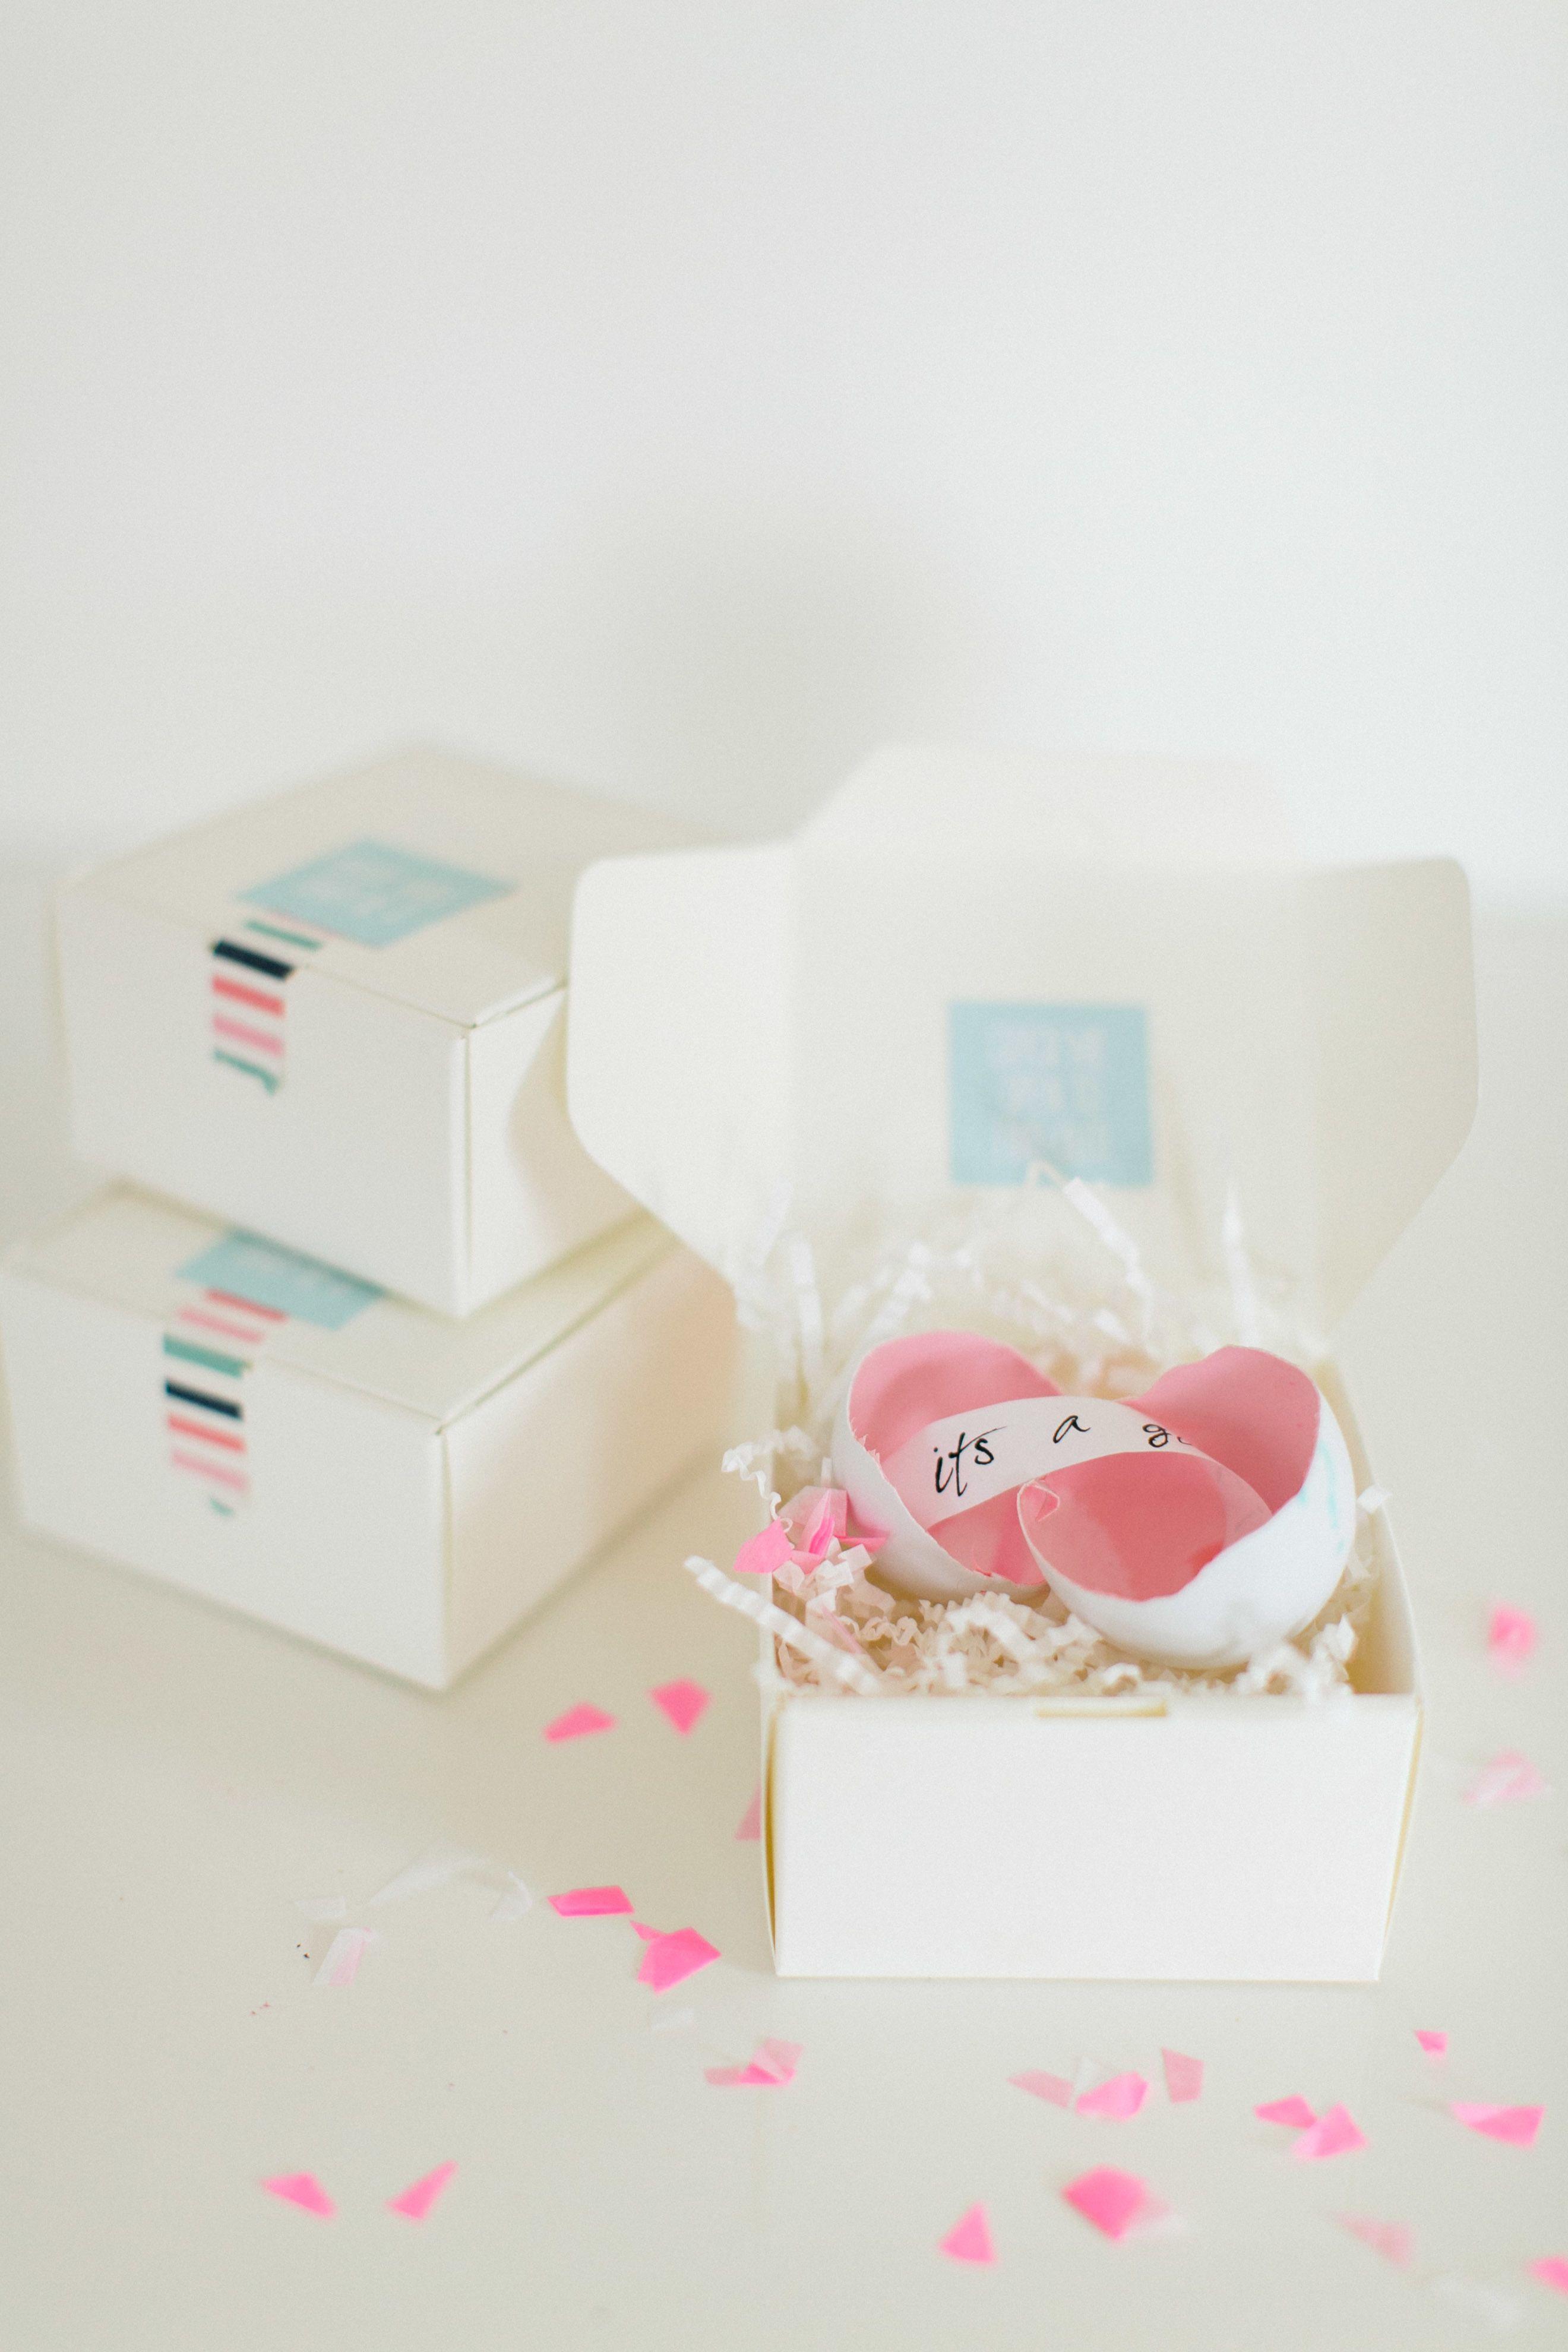 DIY Gender Reveal Egg Packages